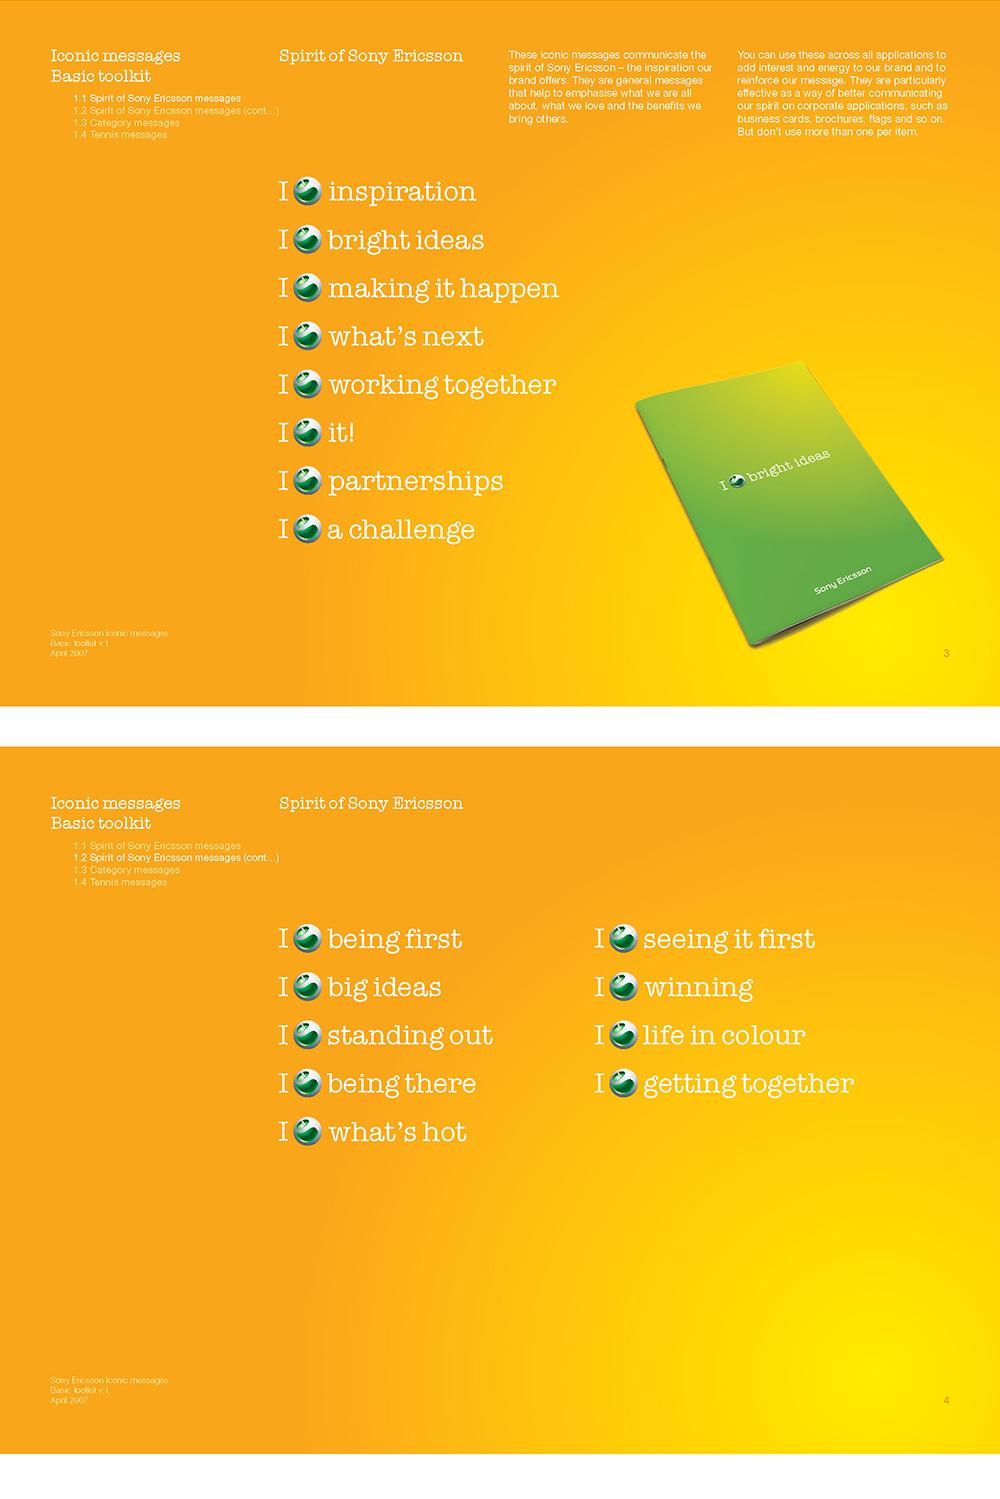 Sony_Ericsson_1.jpg